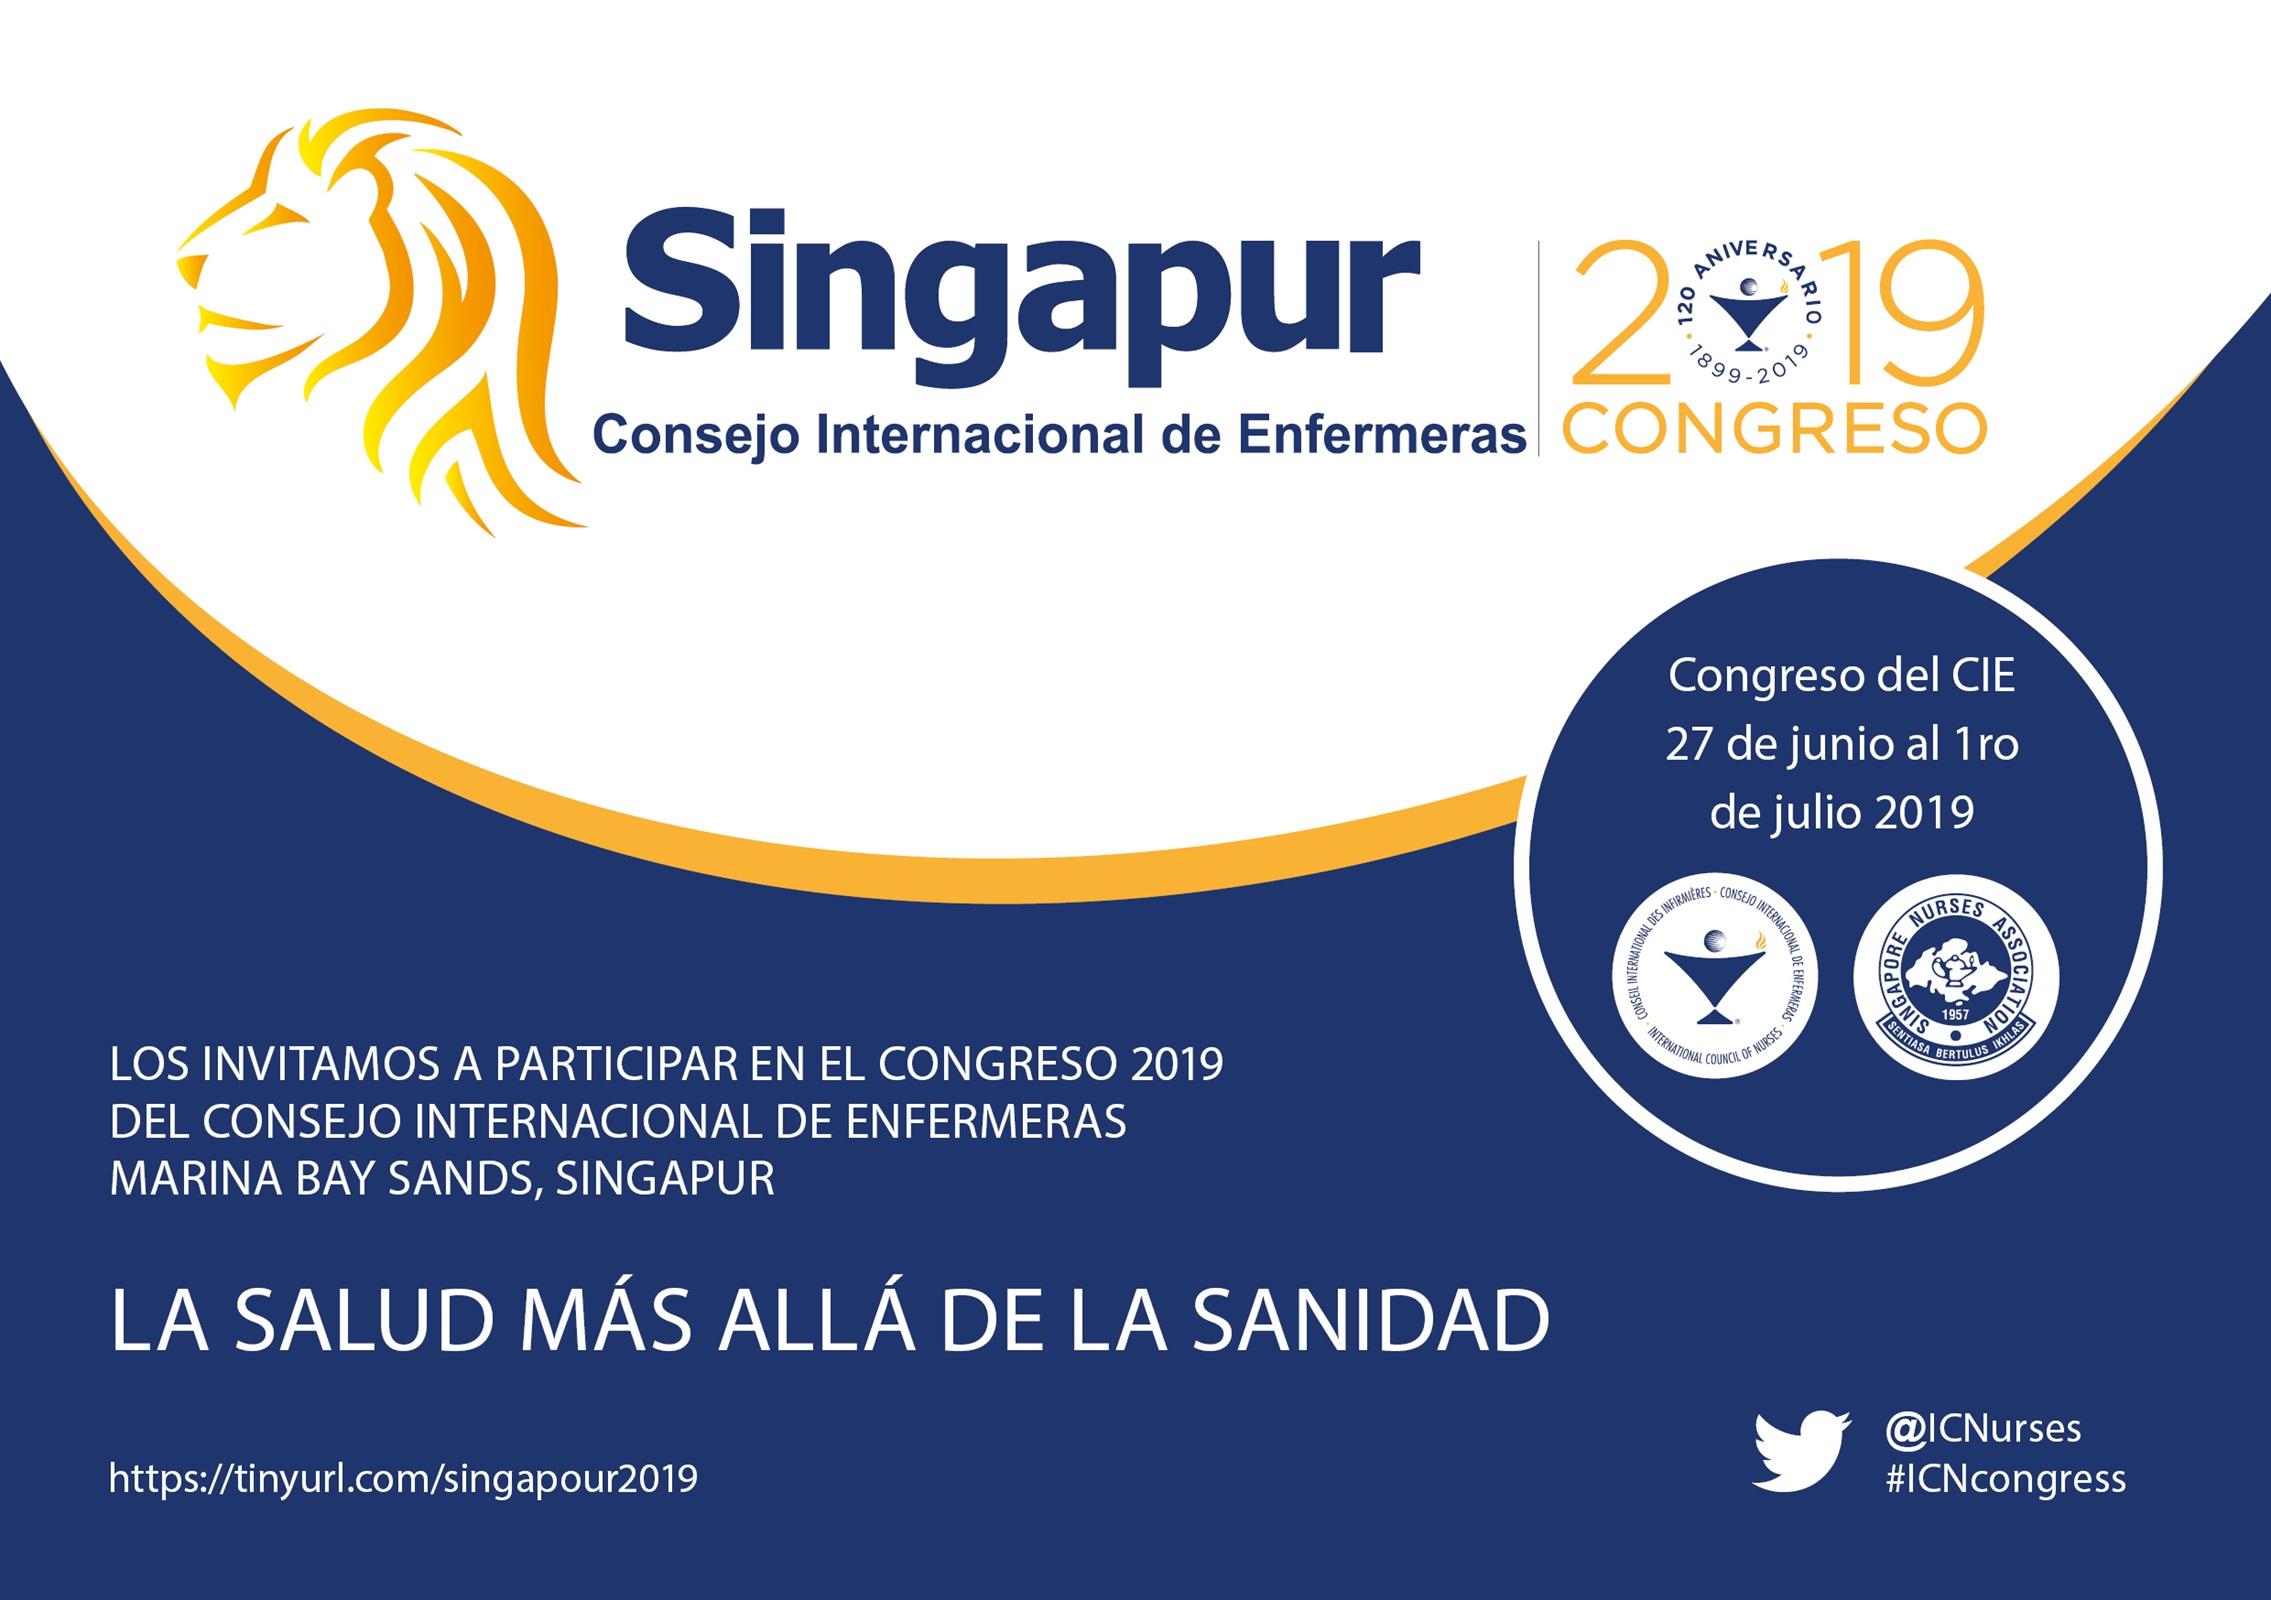 Singapur acollirà el Congrés Internacional d'Infermeres 2019